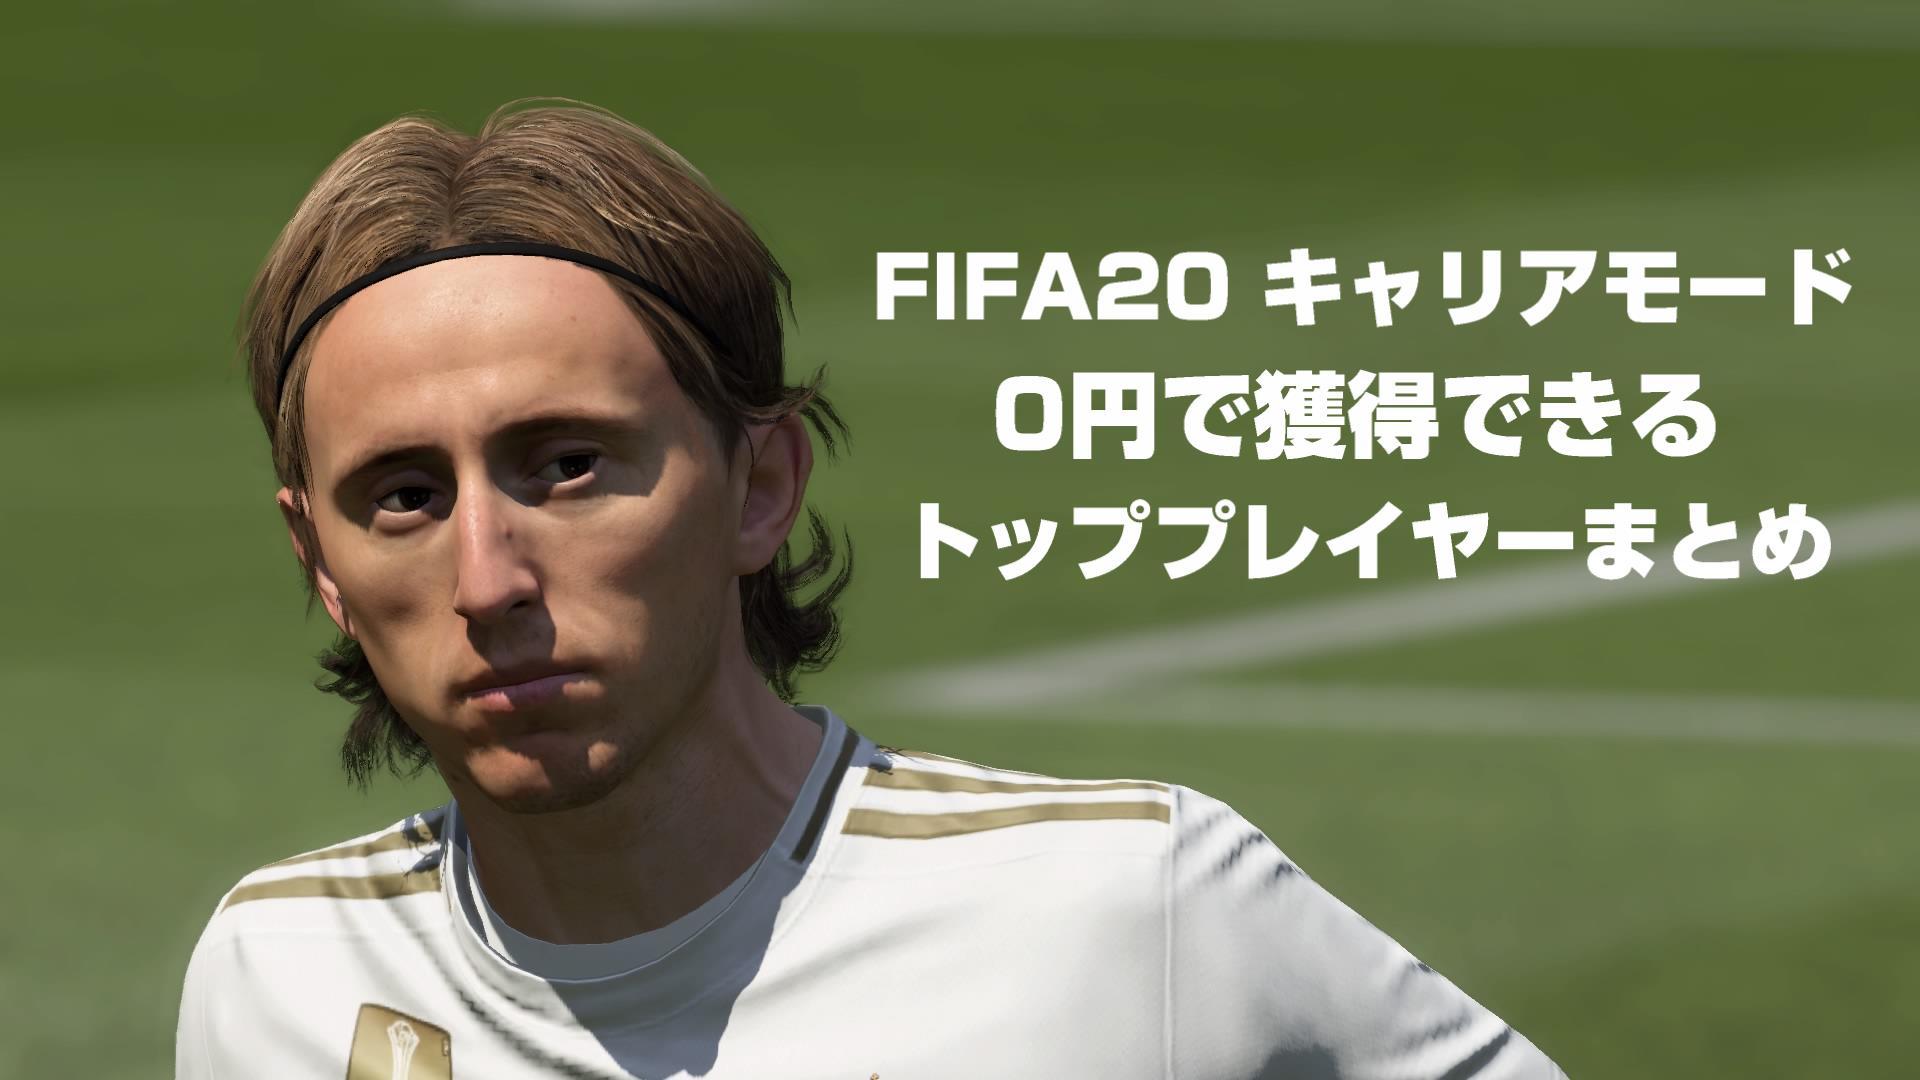 モード モード 選手 Fifa20 キャリア